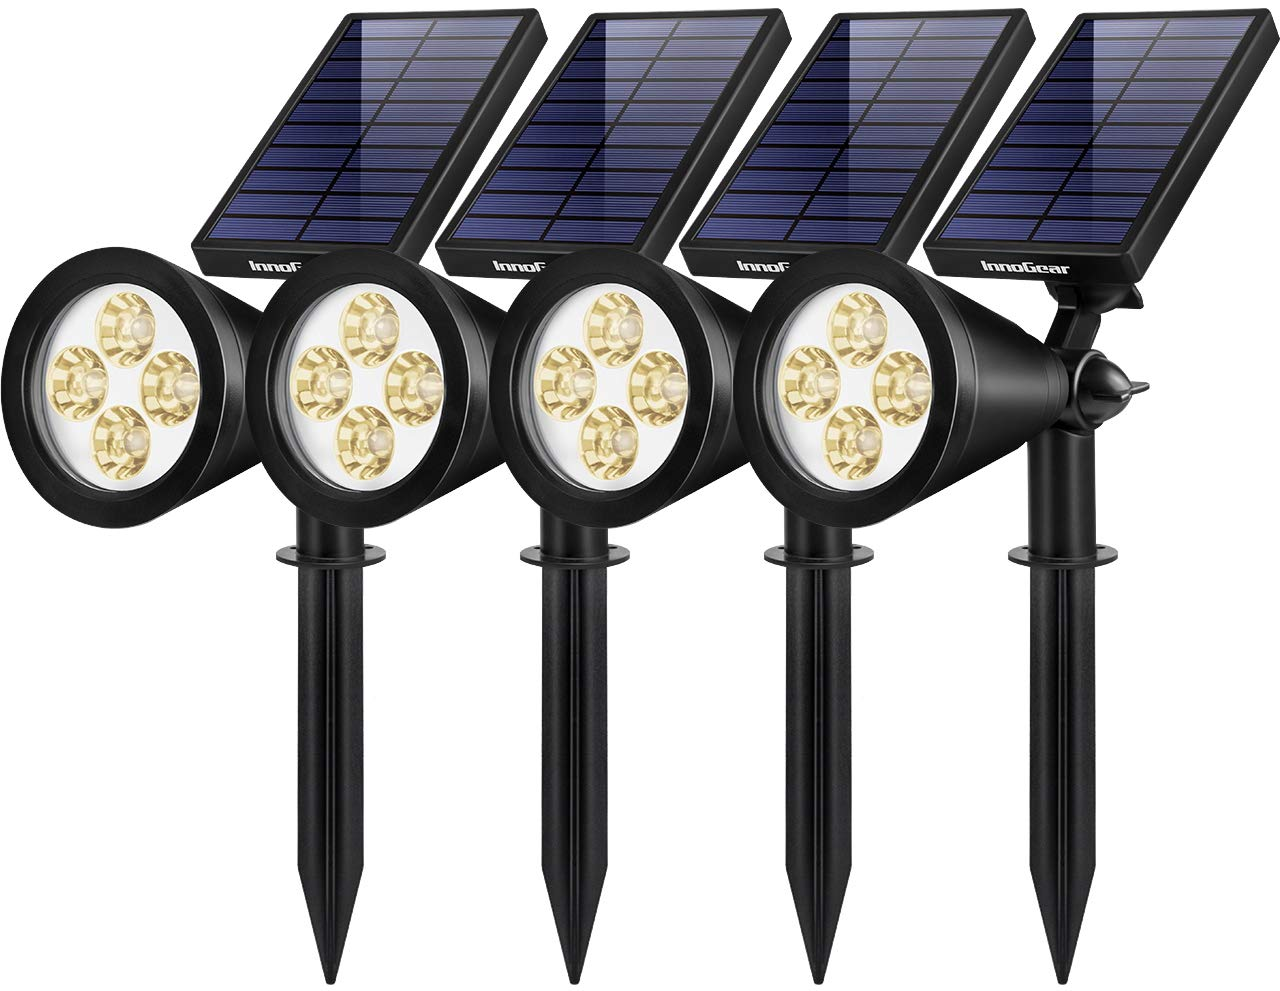 InnoGear Solar Lights Outdoor Spotlights